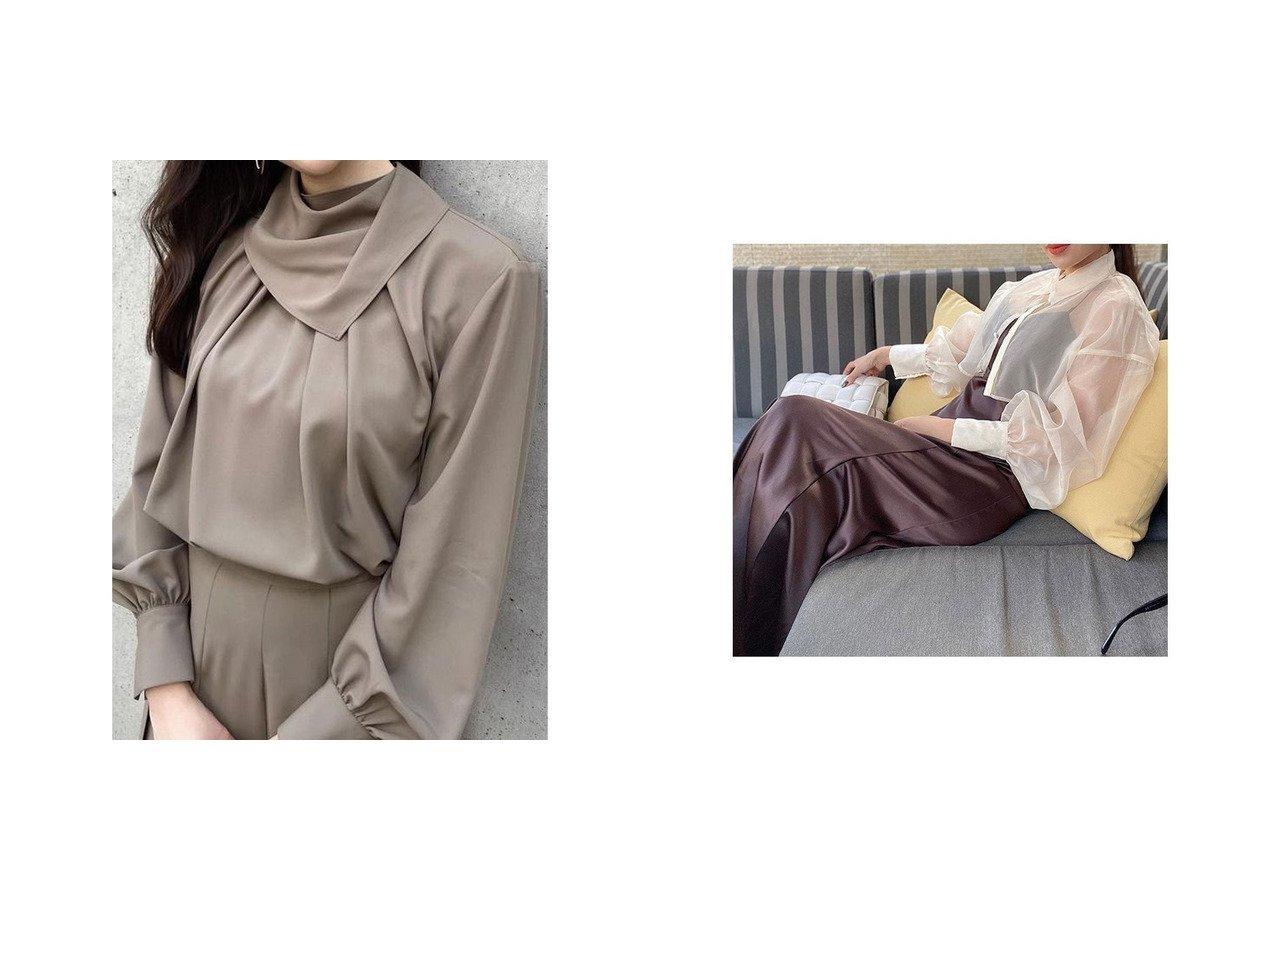 【eimy istoire/エイミーイストワール】のシアーシャツセットキャミワンピース&【anuans/アニュアンス】のスカーフネックブラウス おすすめ!人気、トレンド・レディースファッションの通販 おすすめで人気の流行・トレンド、ファッションの通販商品 インテリア・家具・メンズファッション・キッズファッション・レディースファッション・服の通販 founy(ファニー) https://founy.com/ ファッション Fashion レディースファッション WOMEN トップス・カットソー Tops/Tshirt シャツ/ブラウス Shirts/Blouses ワンピース Dress キャミワンピース No Sleeve Dresses おすすめ Recommend とろみ スカーフ スタンド セットアップ ベーシック インナー キャミワンピース クラシック サテン ショート マーメイド |ID:crp329100000071028